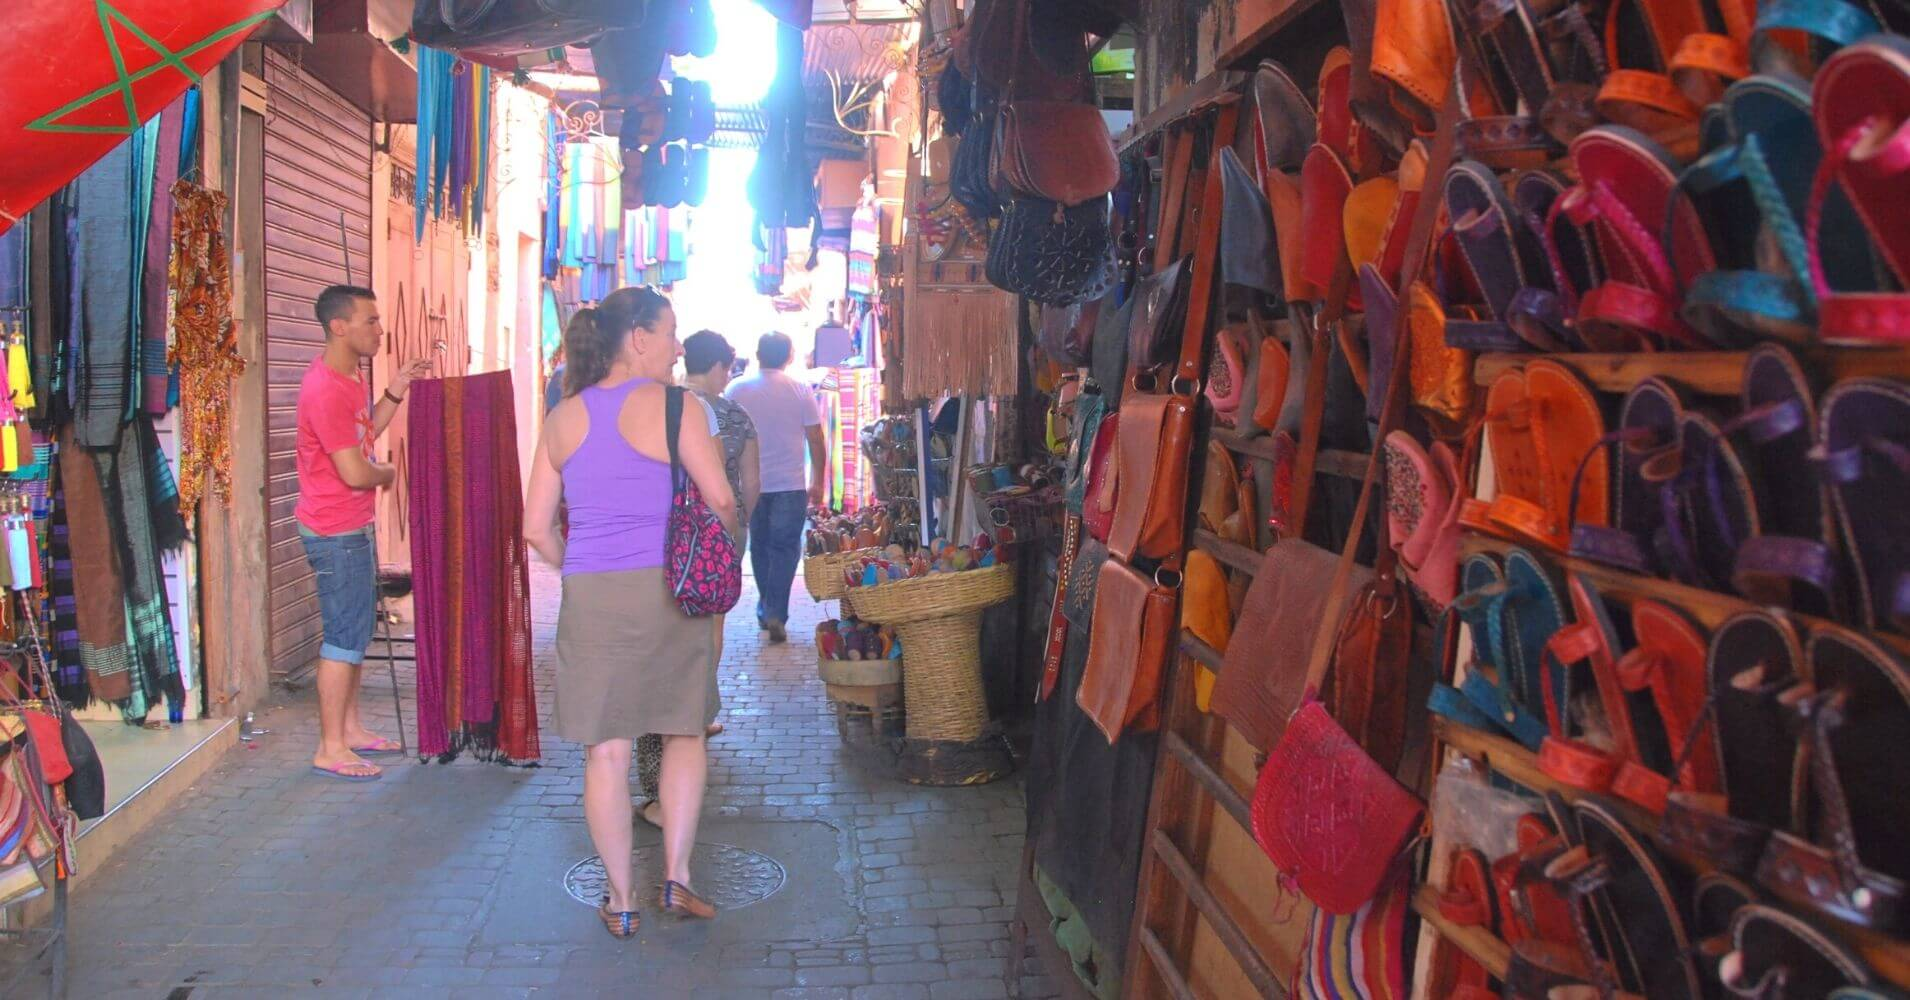 Viajar a Marrakech, Marruecos.